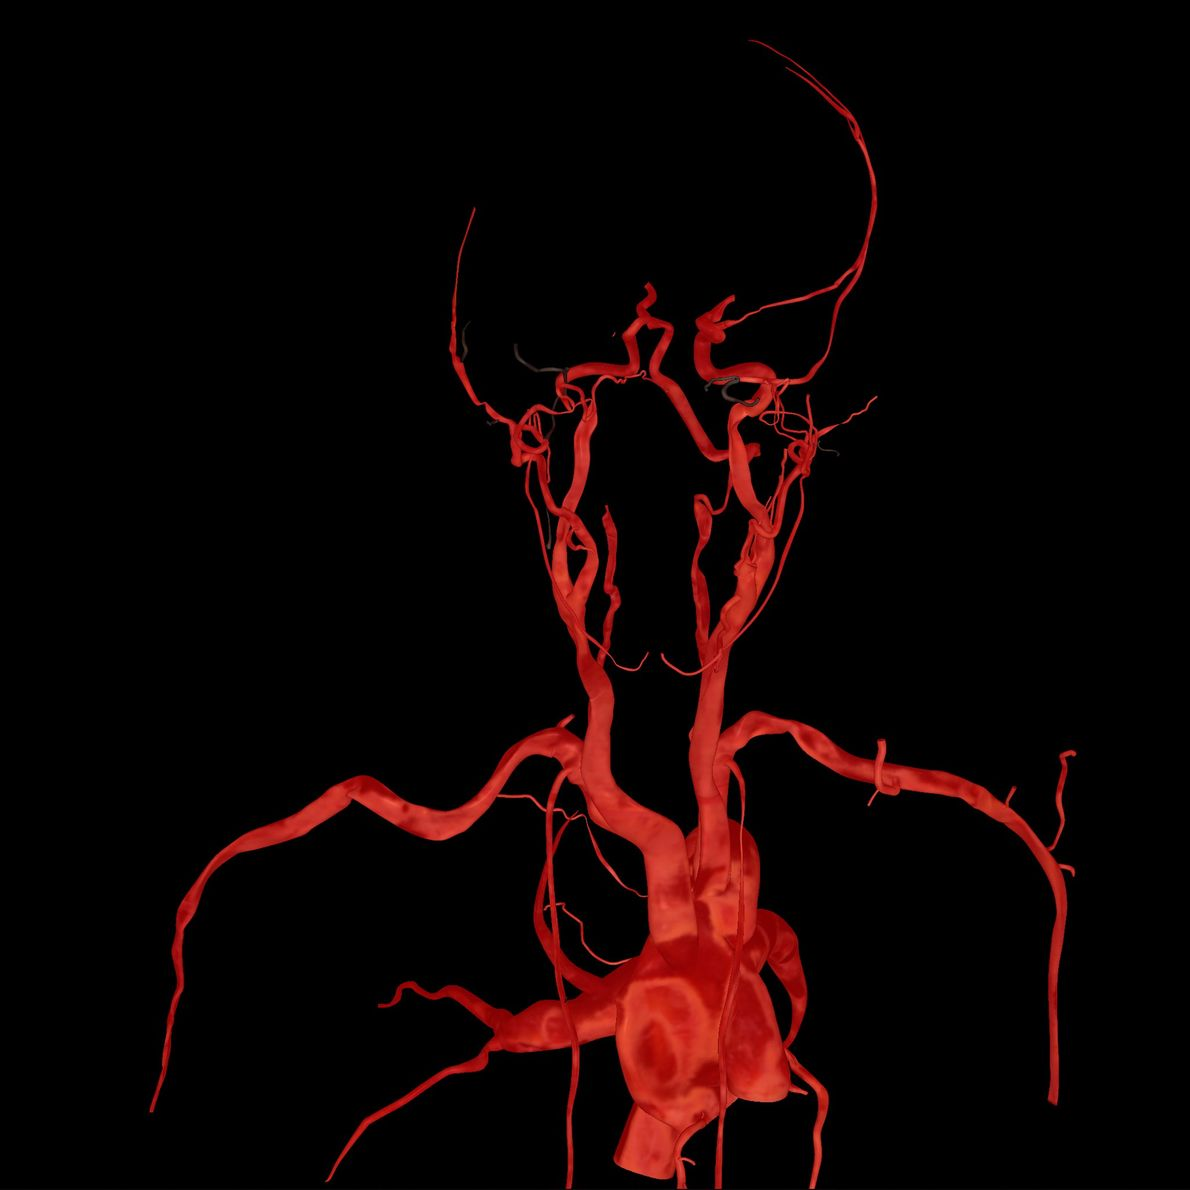 Aquí, solo se ven su corazón y las arterias.